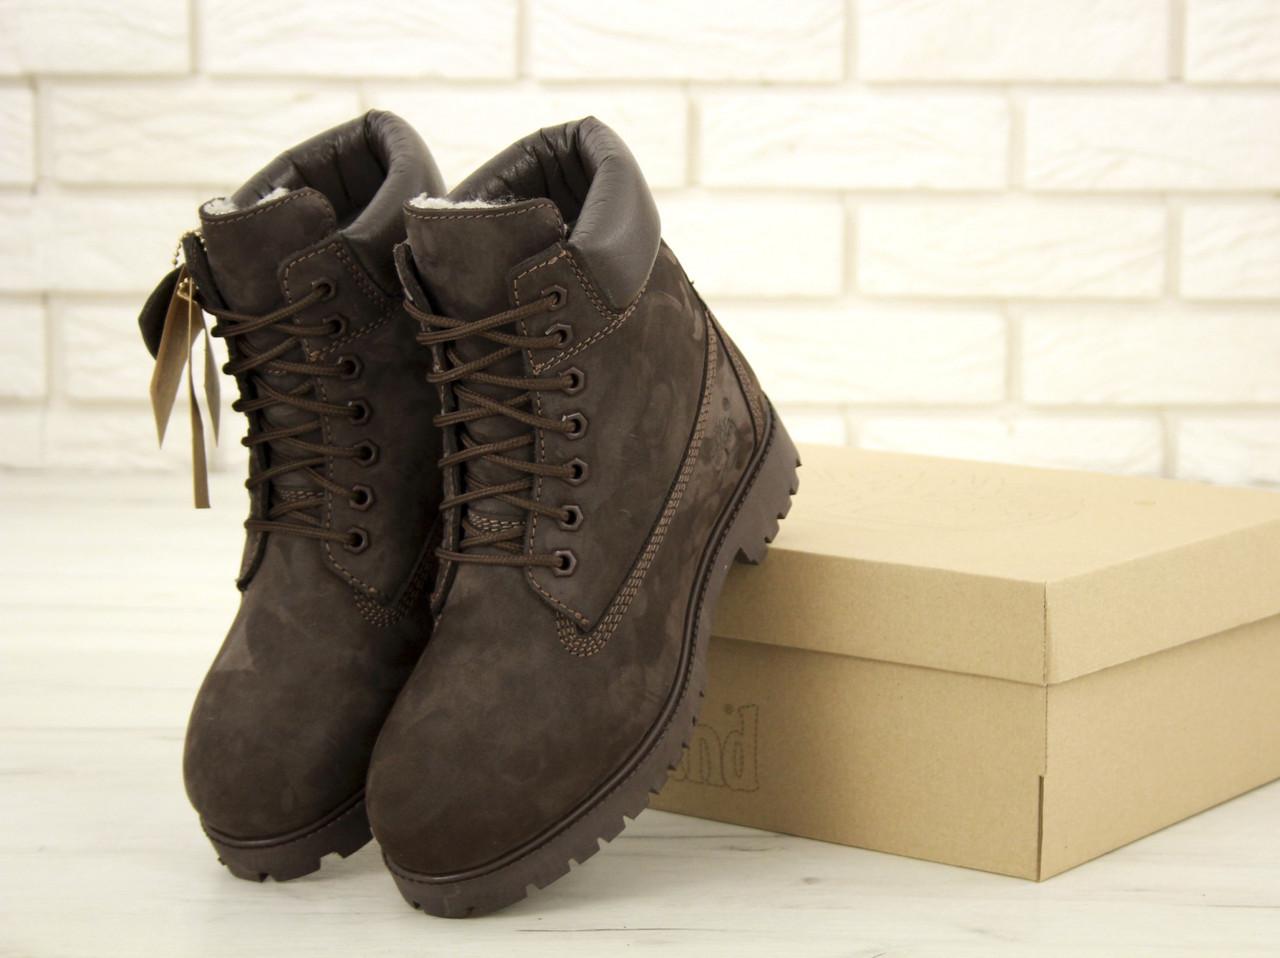 Зимние ботинки Timberland Brown Nubuck, мужские ботинки с натуральным мехом. ТОП Реплика ААА класса.